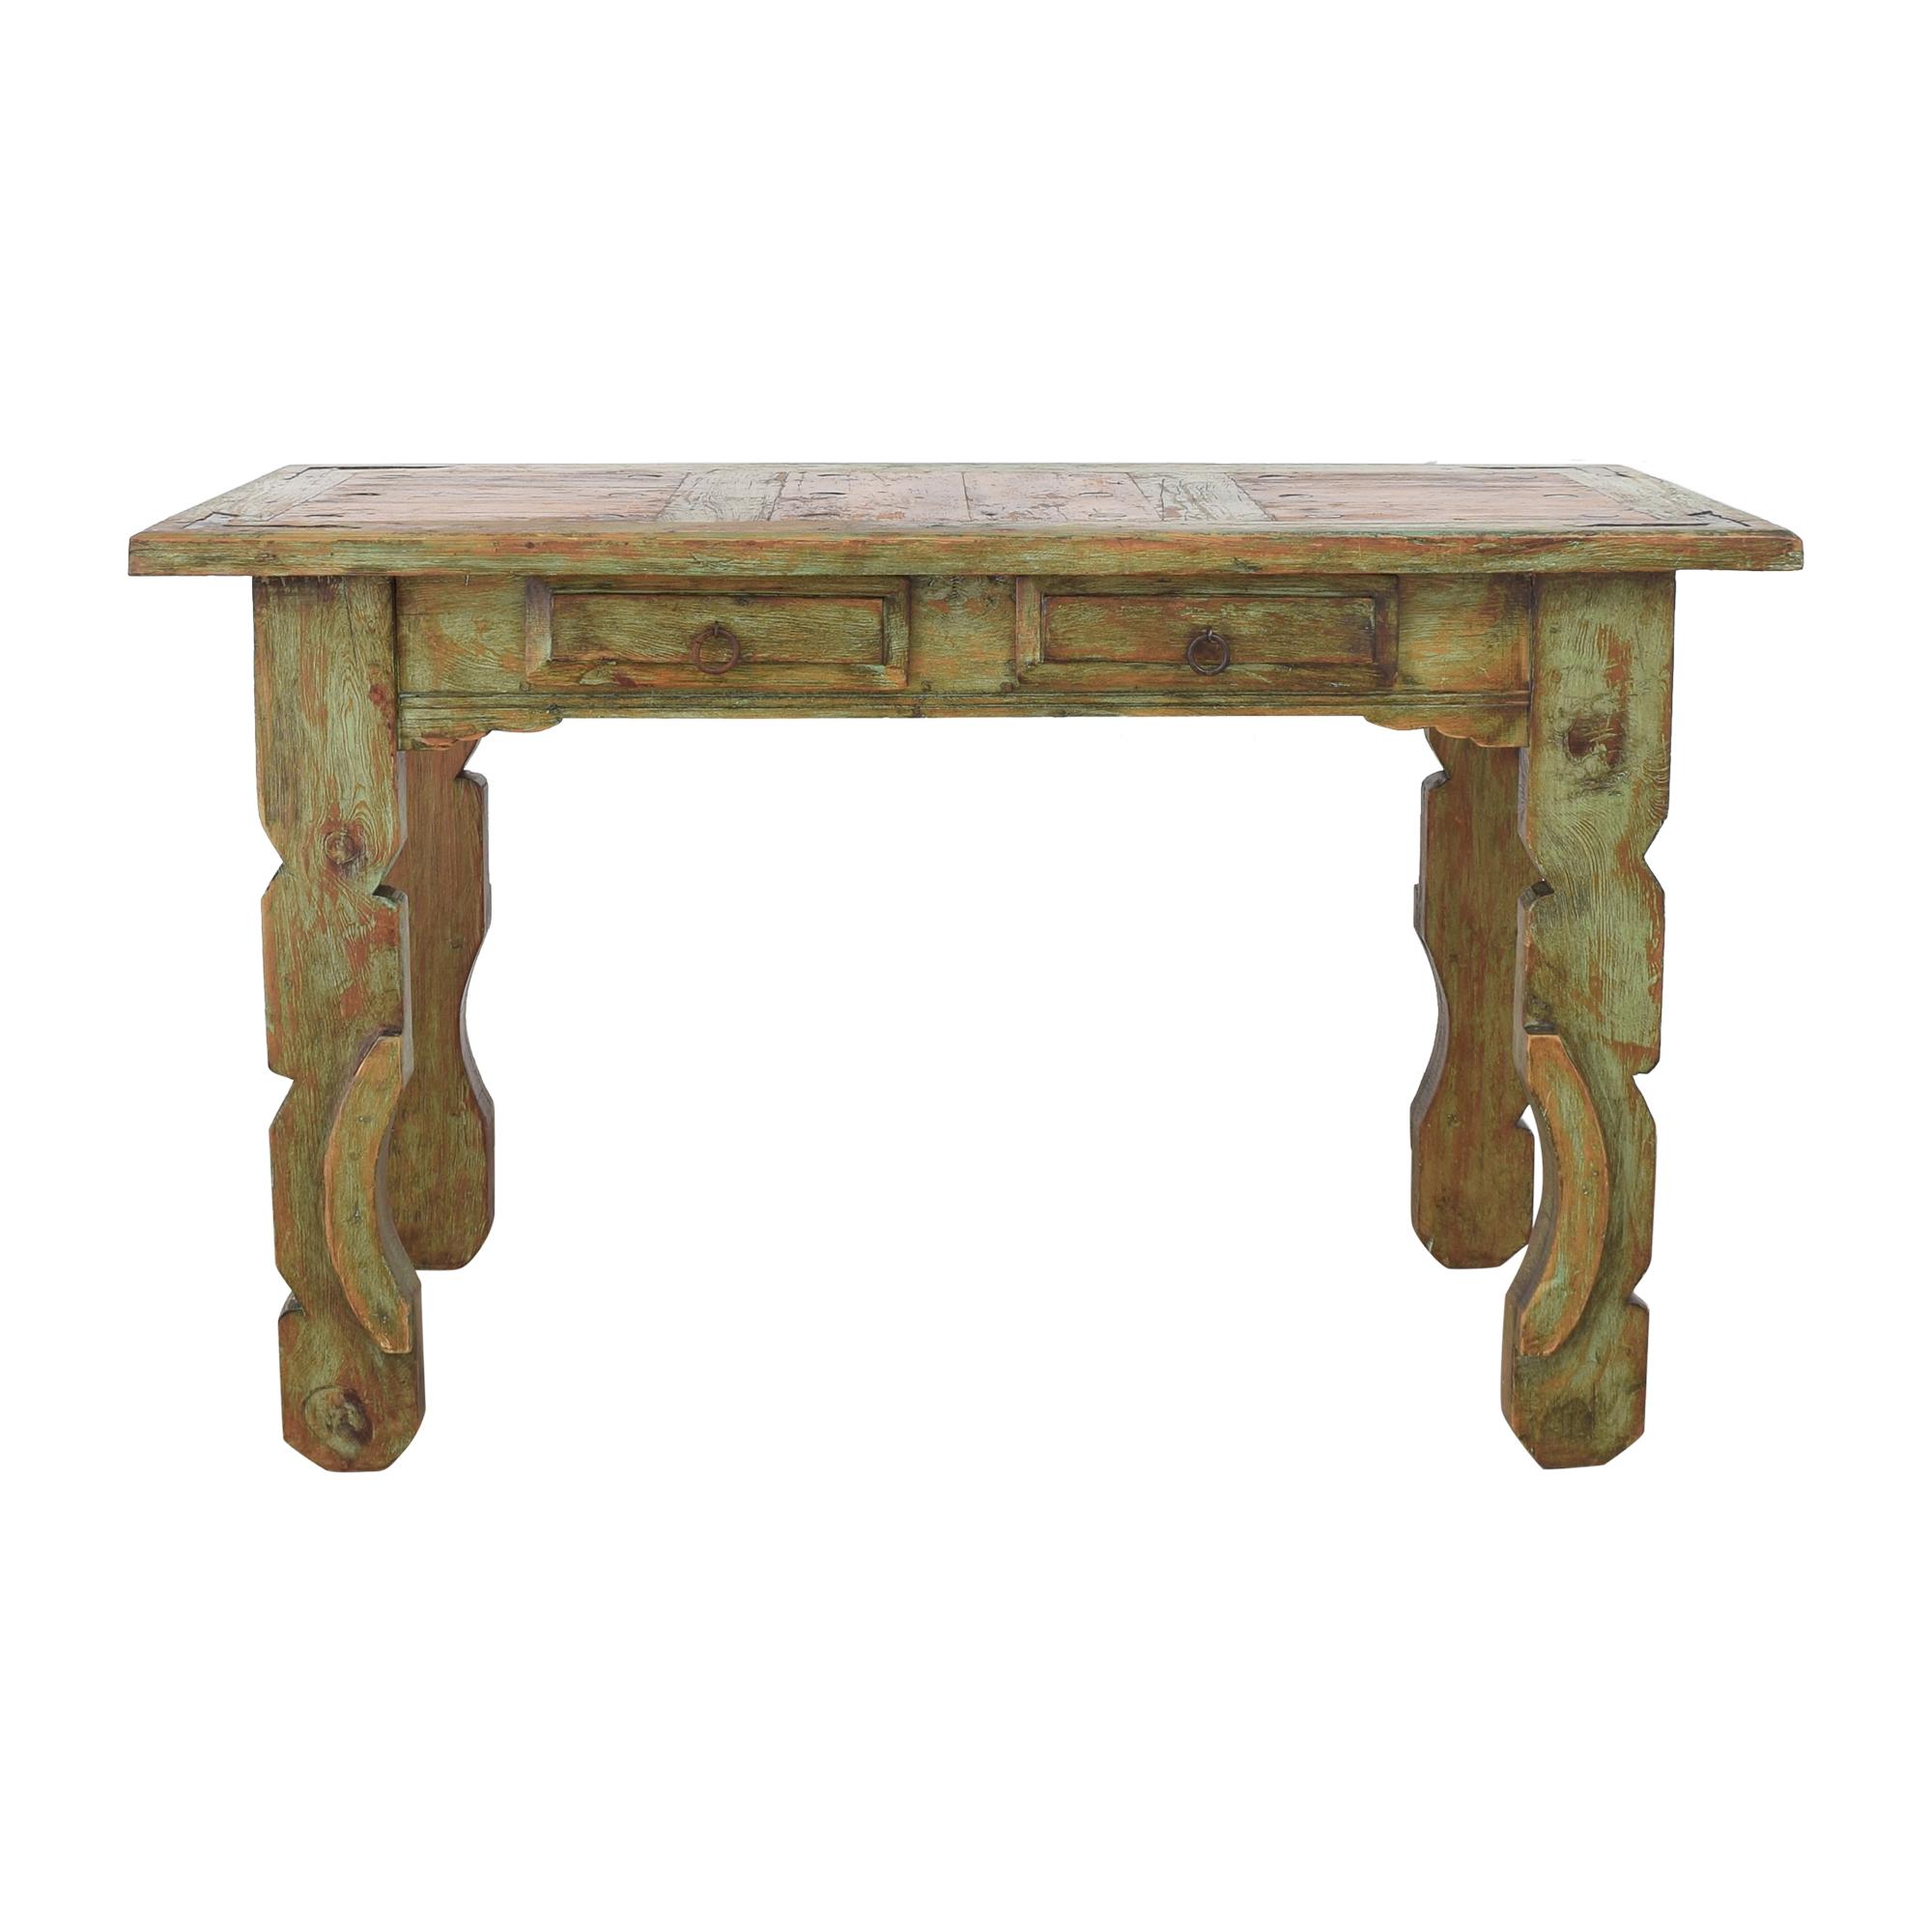 buy El Barzon Rustic Furniture Reclaimed Dining Table  El Barzon Rustic Furniture Dinner Tables